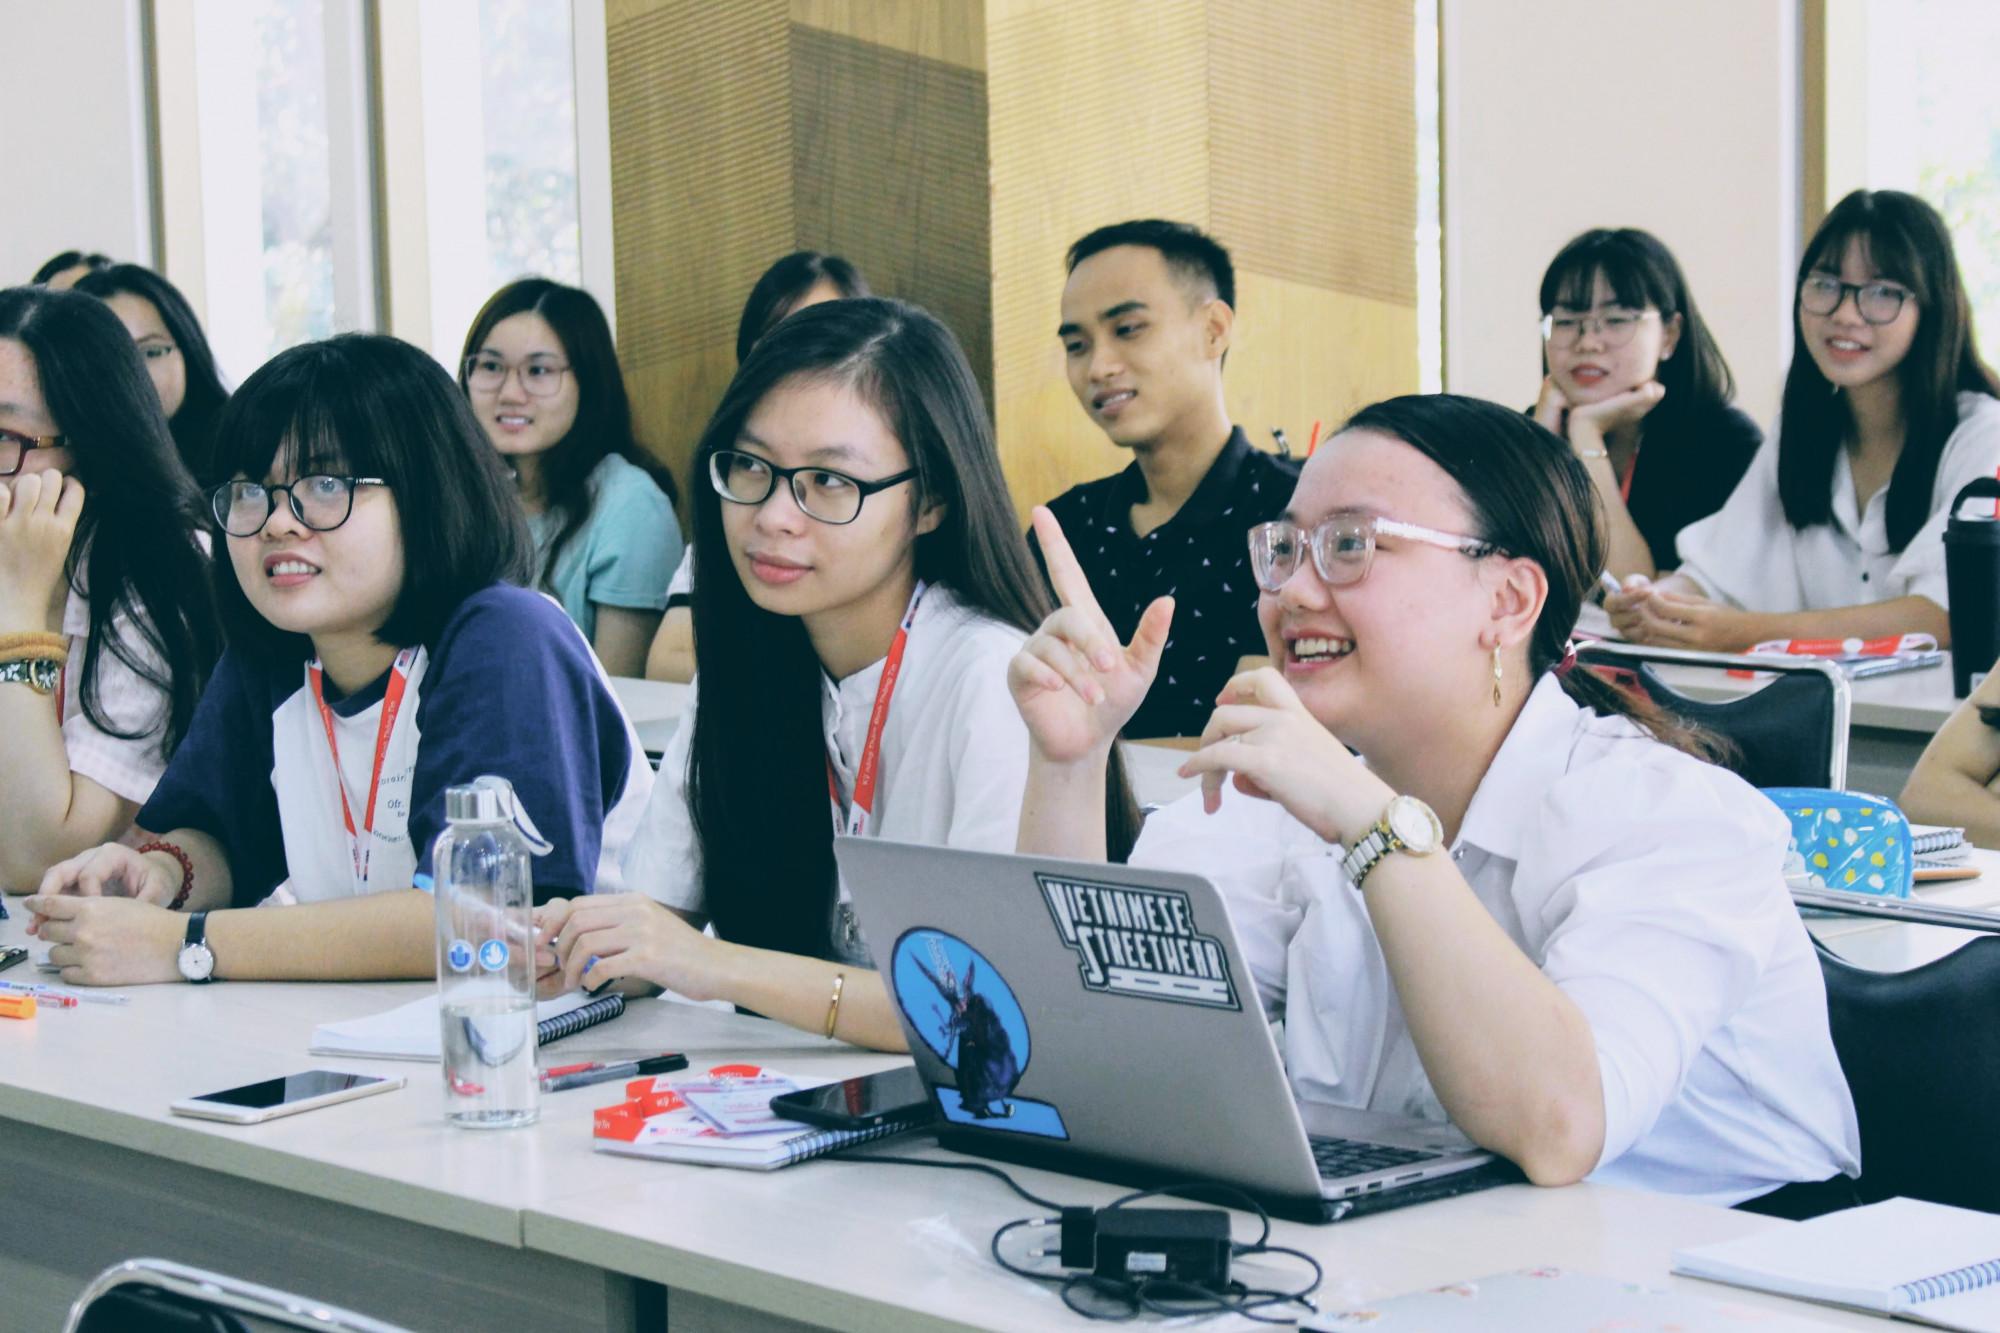 Sinh viên trường ĐH Quốc tế trong giờ thực hành kỹ năng